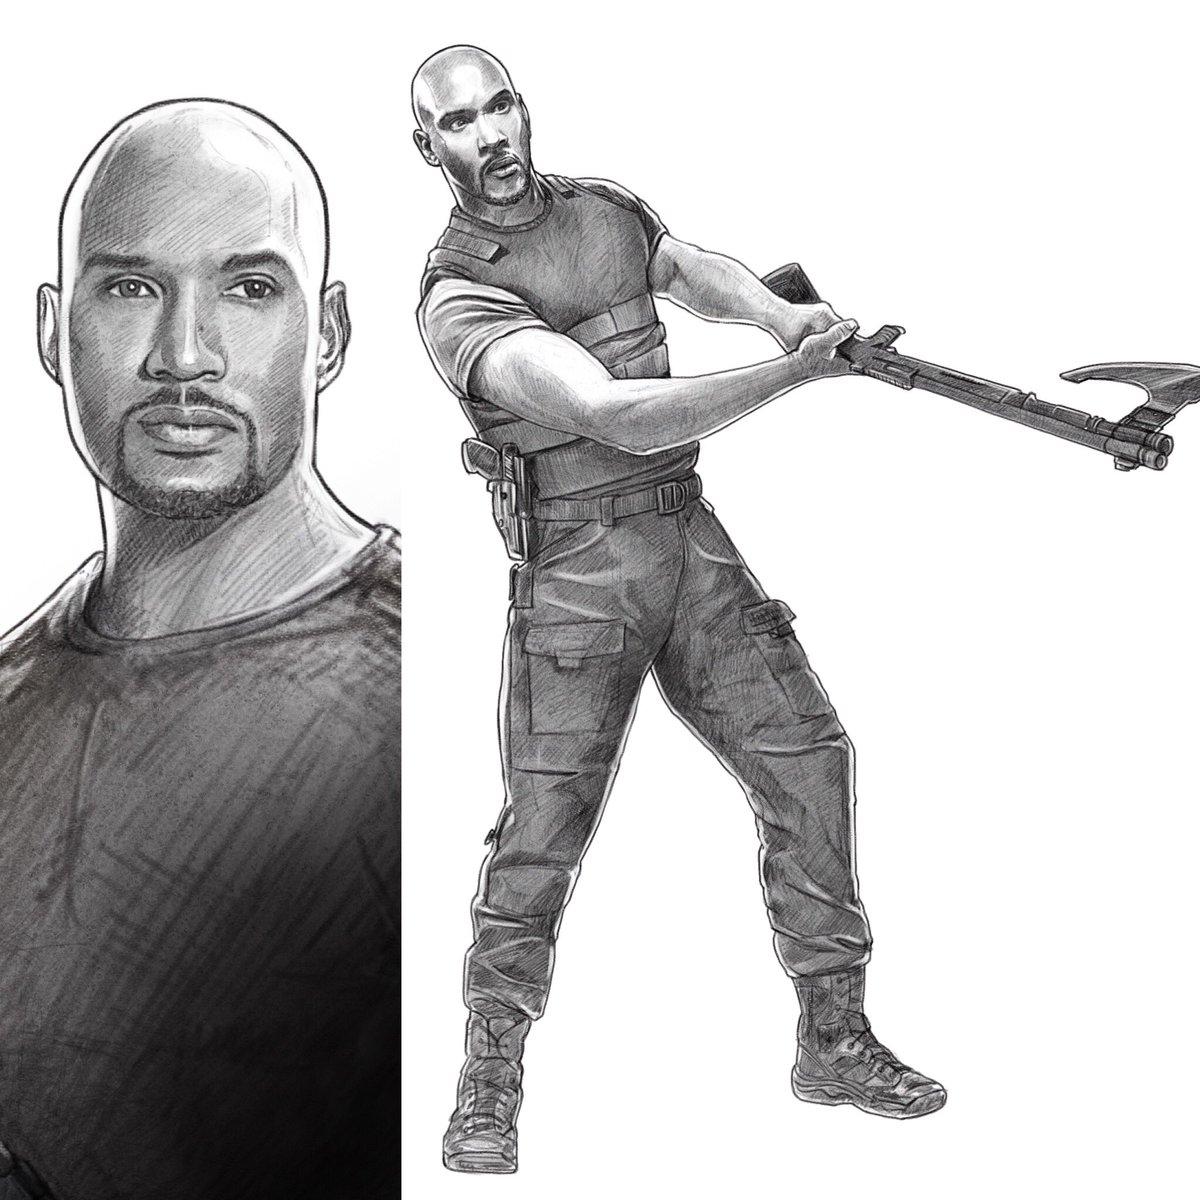 Drawn shotgun axe Shotgun I can #henrysimmons @clarkgregg